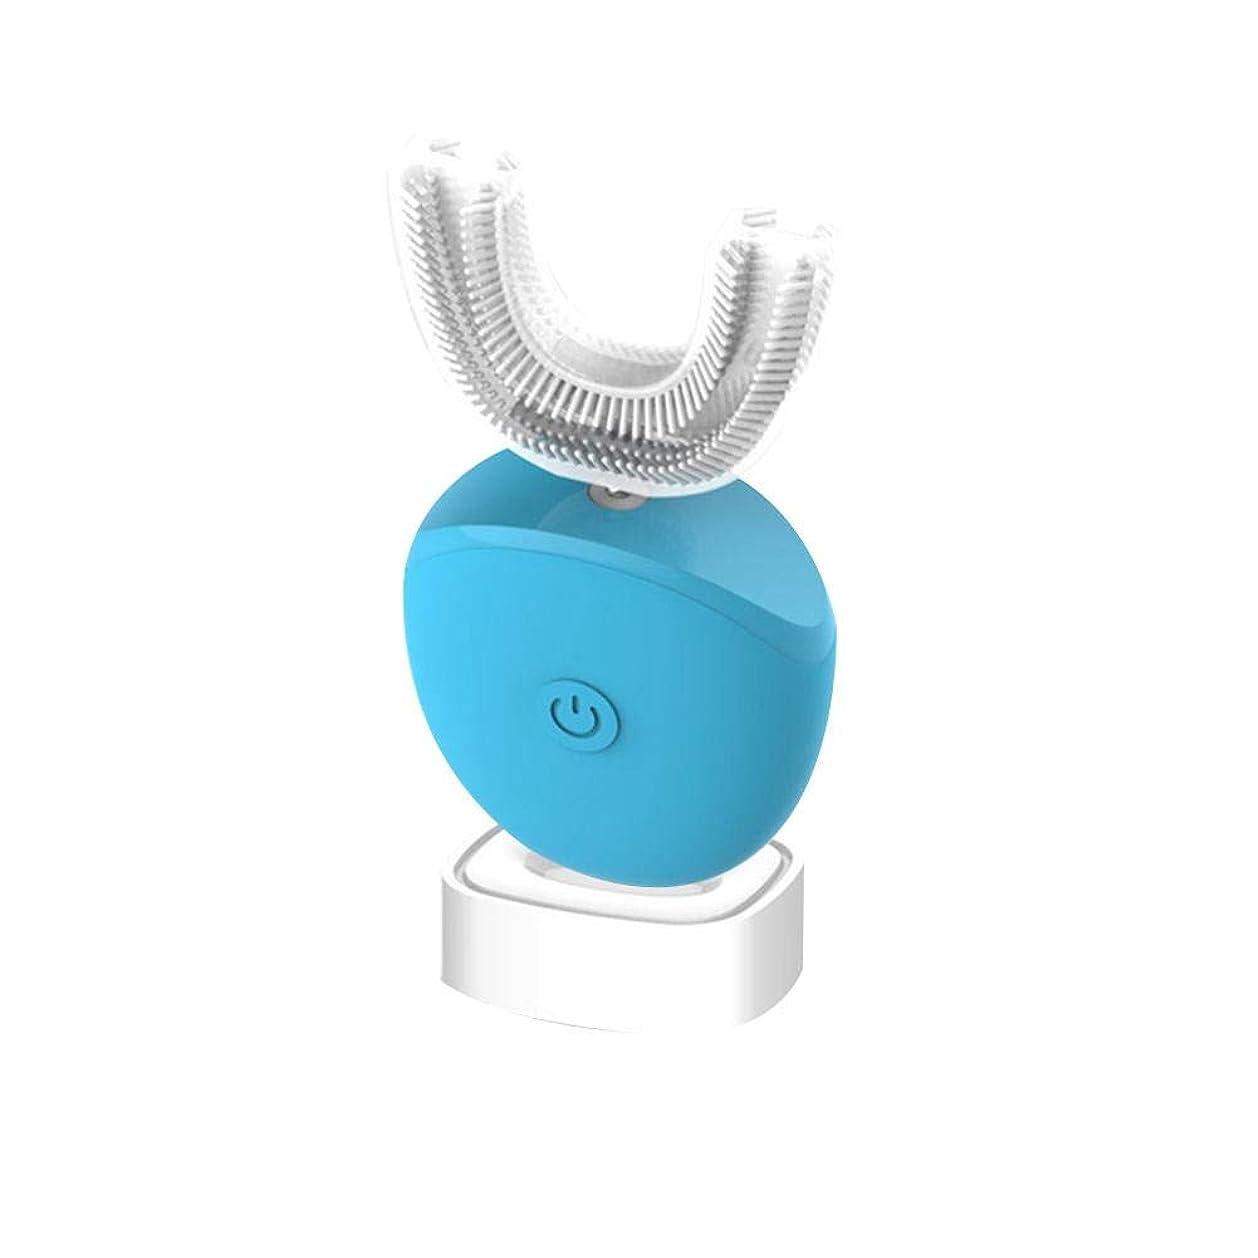 消費する恨み経験フルオートマチック可変周波数電動歯ブラシ、自動360度U字型電動歯ブラシ、ワイヤレス充電IPX7防水自動歯ブラシ(大人用),Blue